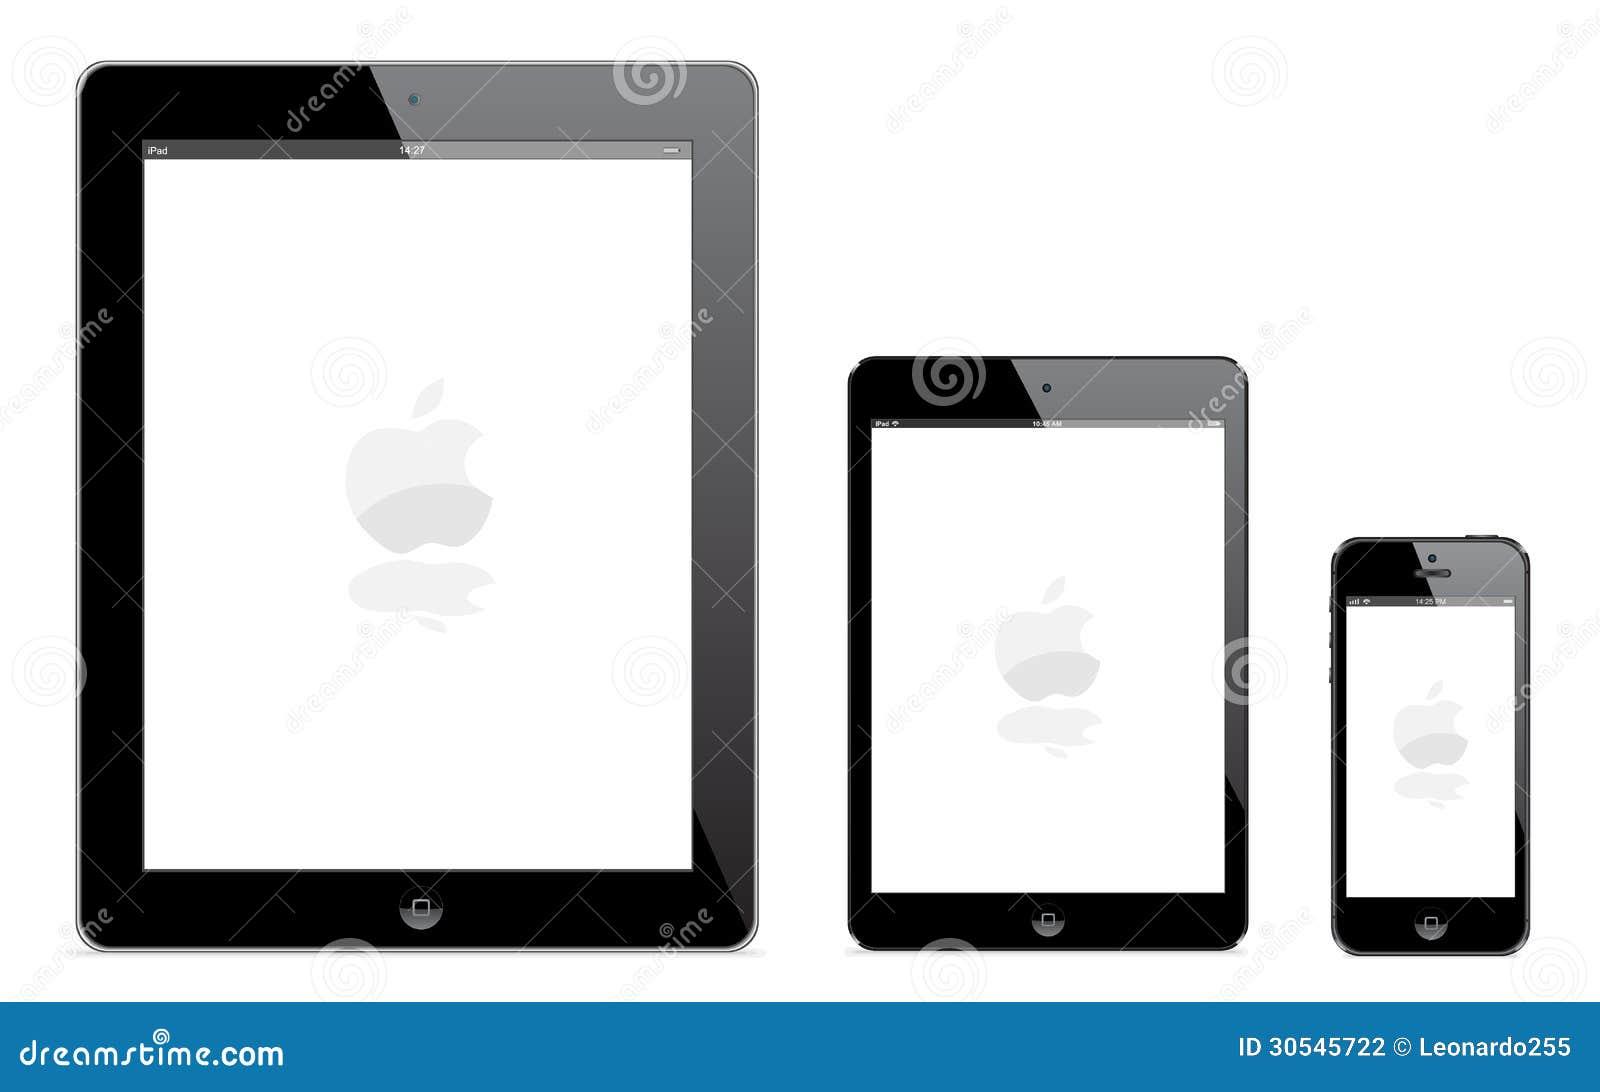 IPad 4, nuevo iPad mini e iPhone 5